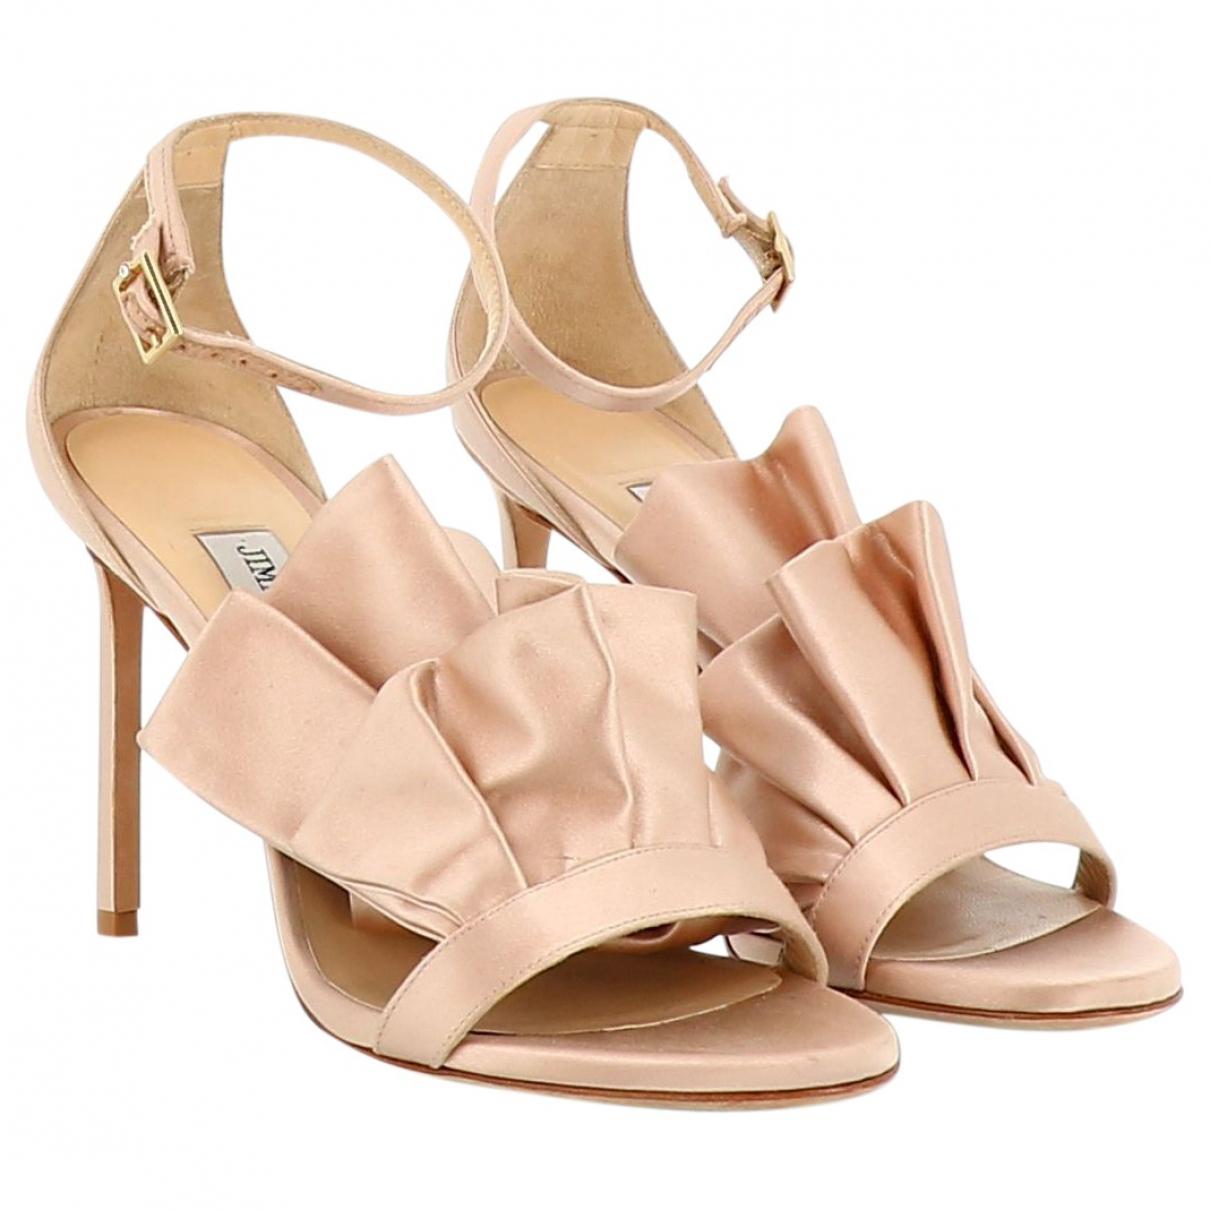 Jimmy Choo \N Pink Sandals for Women 39 EU